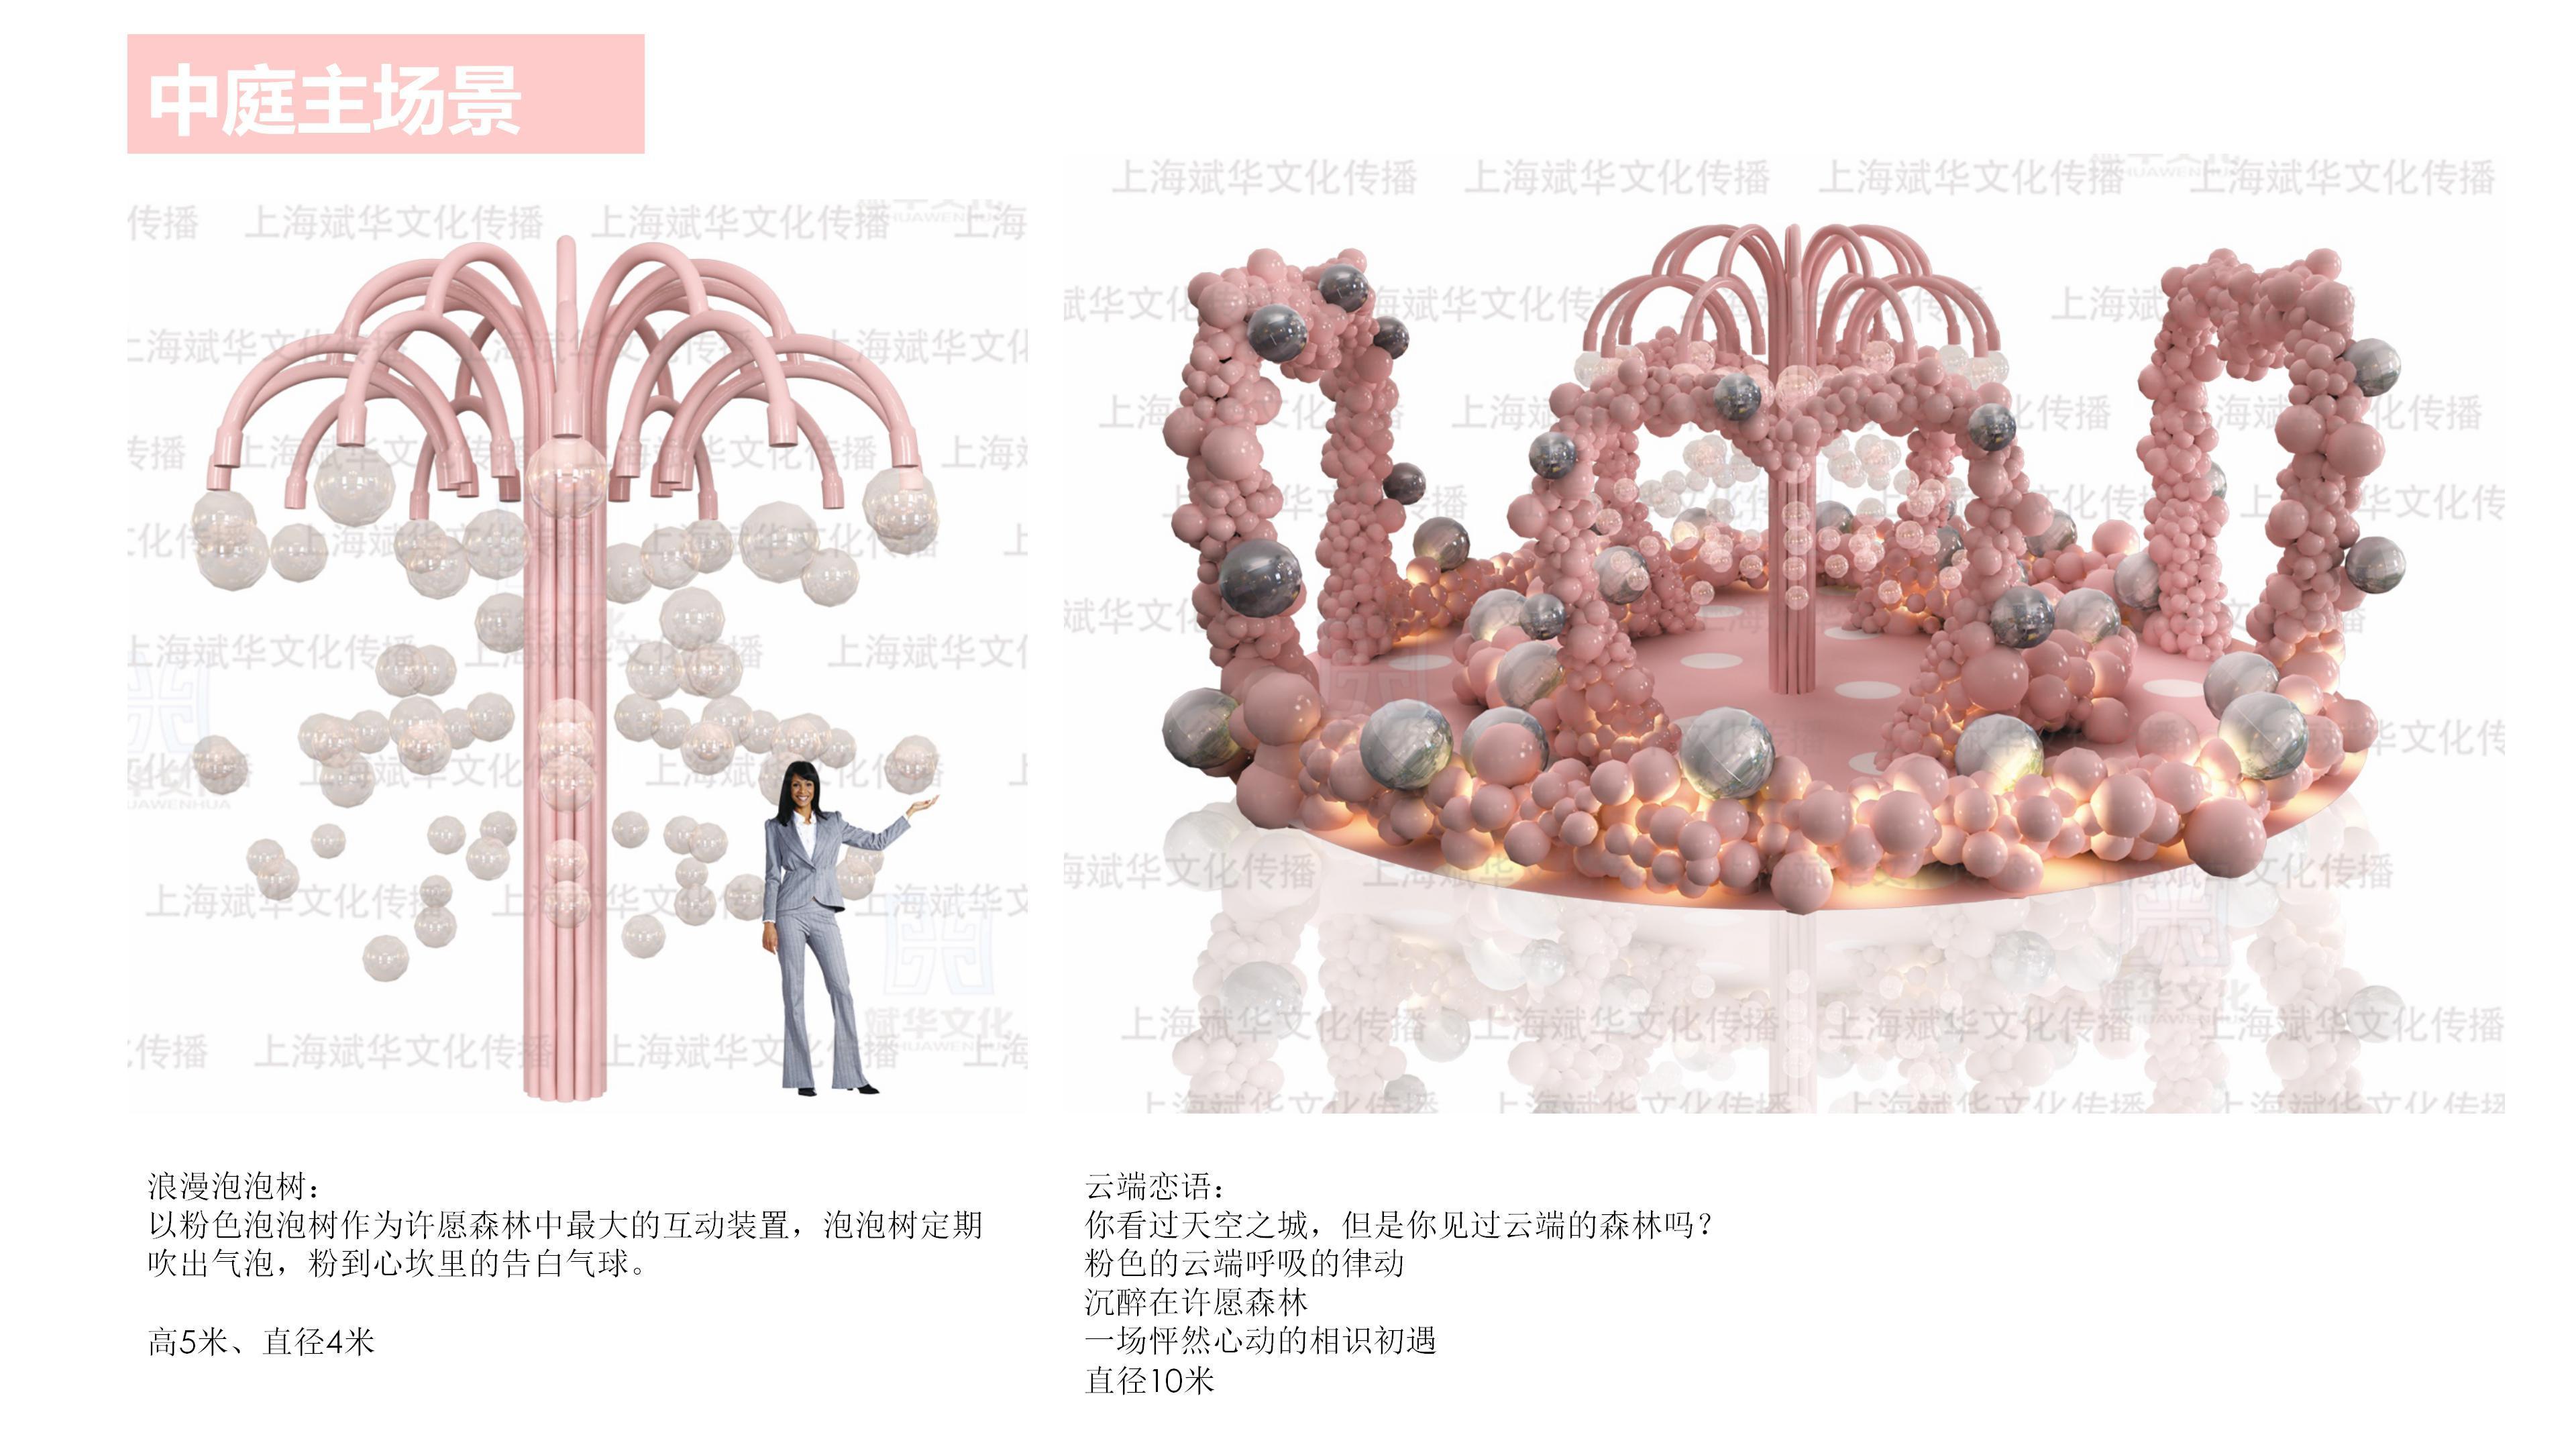 告白气球艺术展